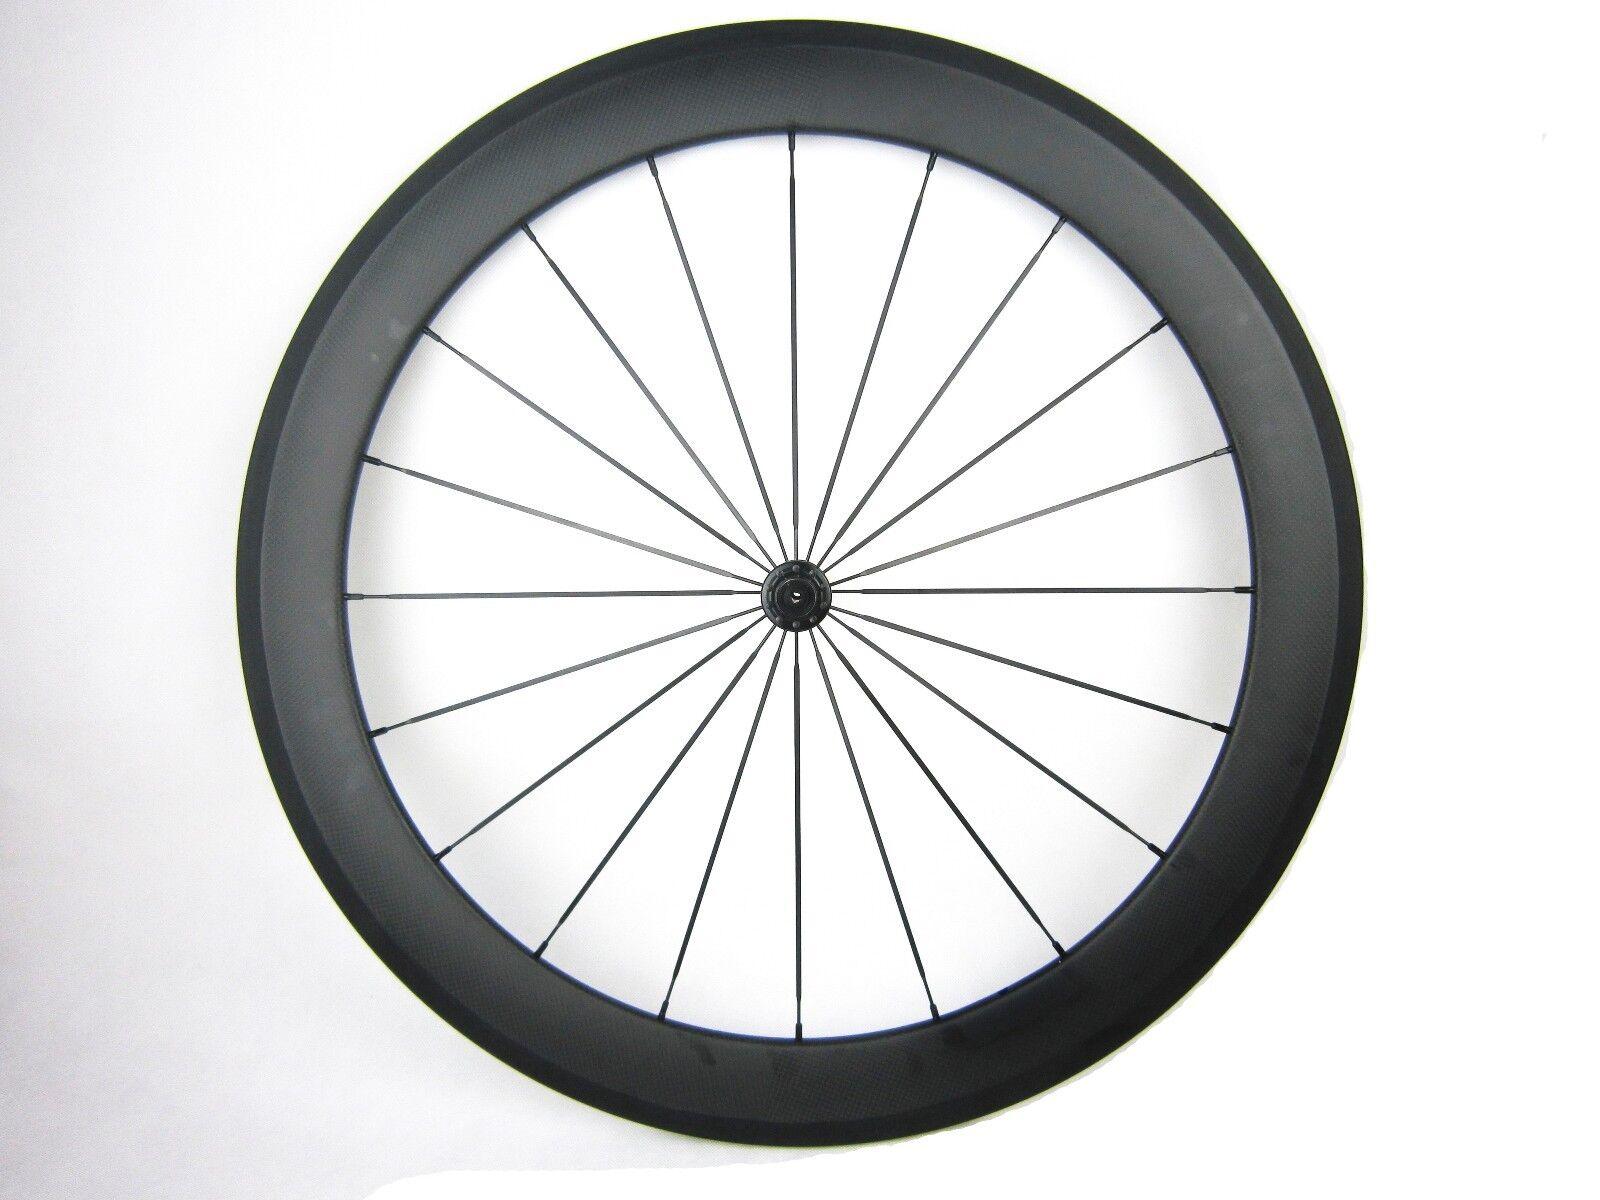 700C carbon bike wheel,front wheel,60mm clincher 20 hole,20.5mm width